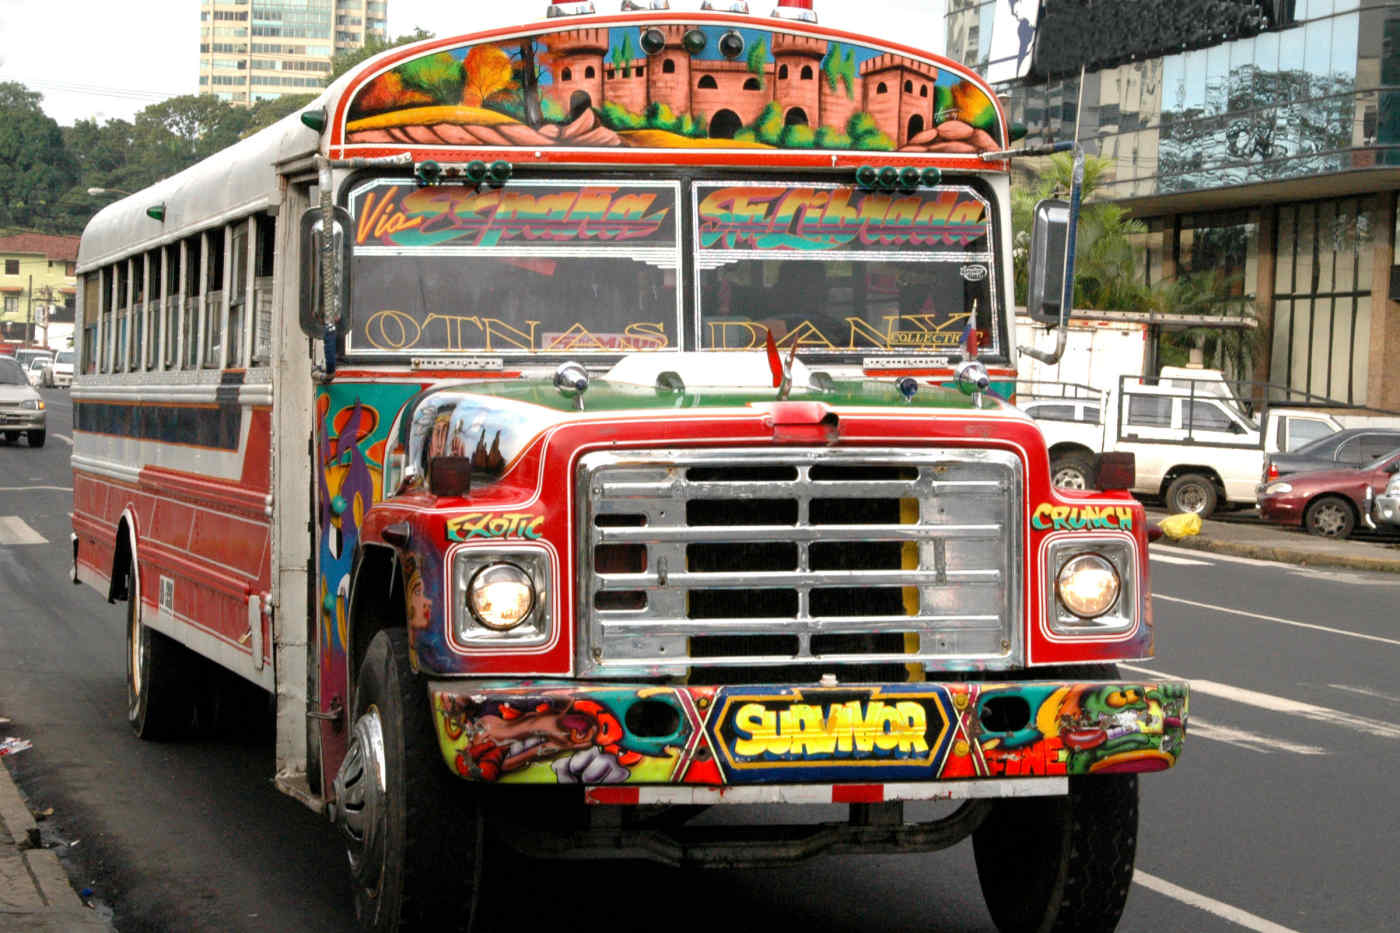 Panama chiva bus